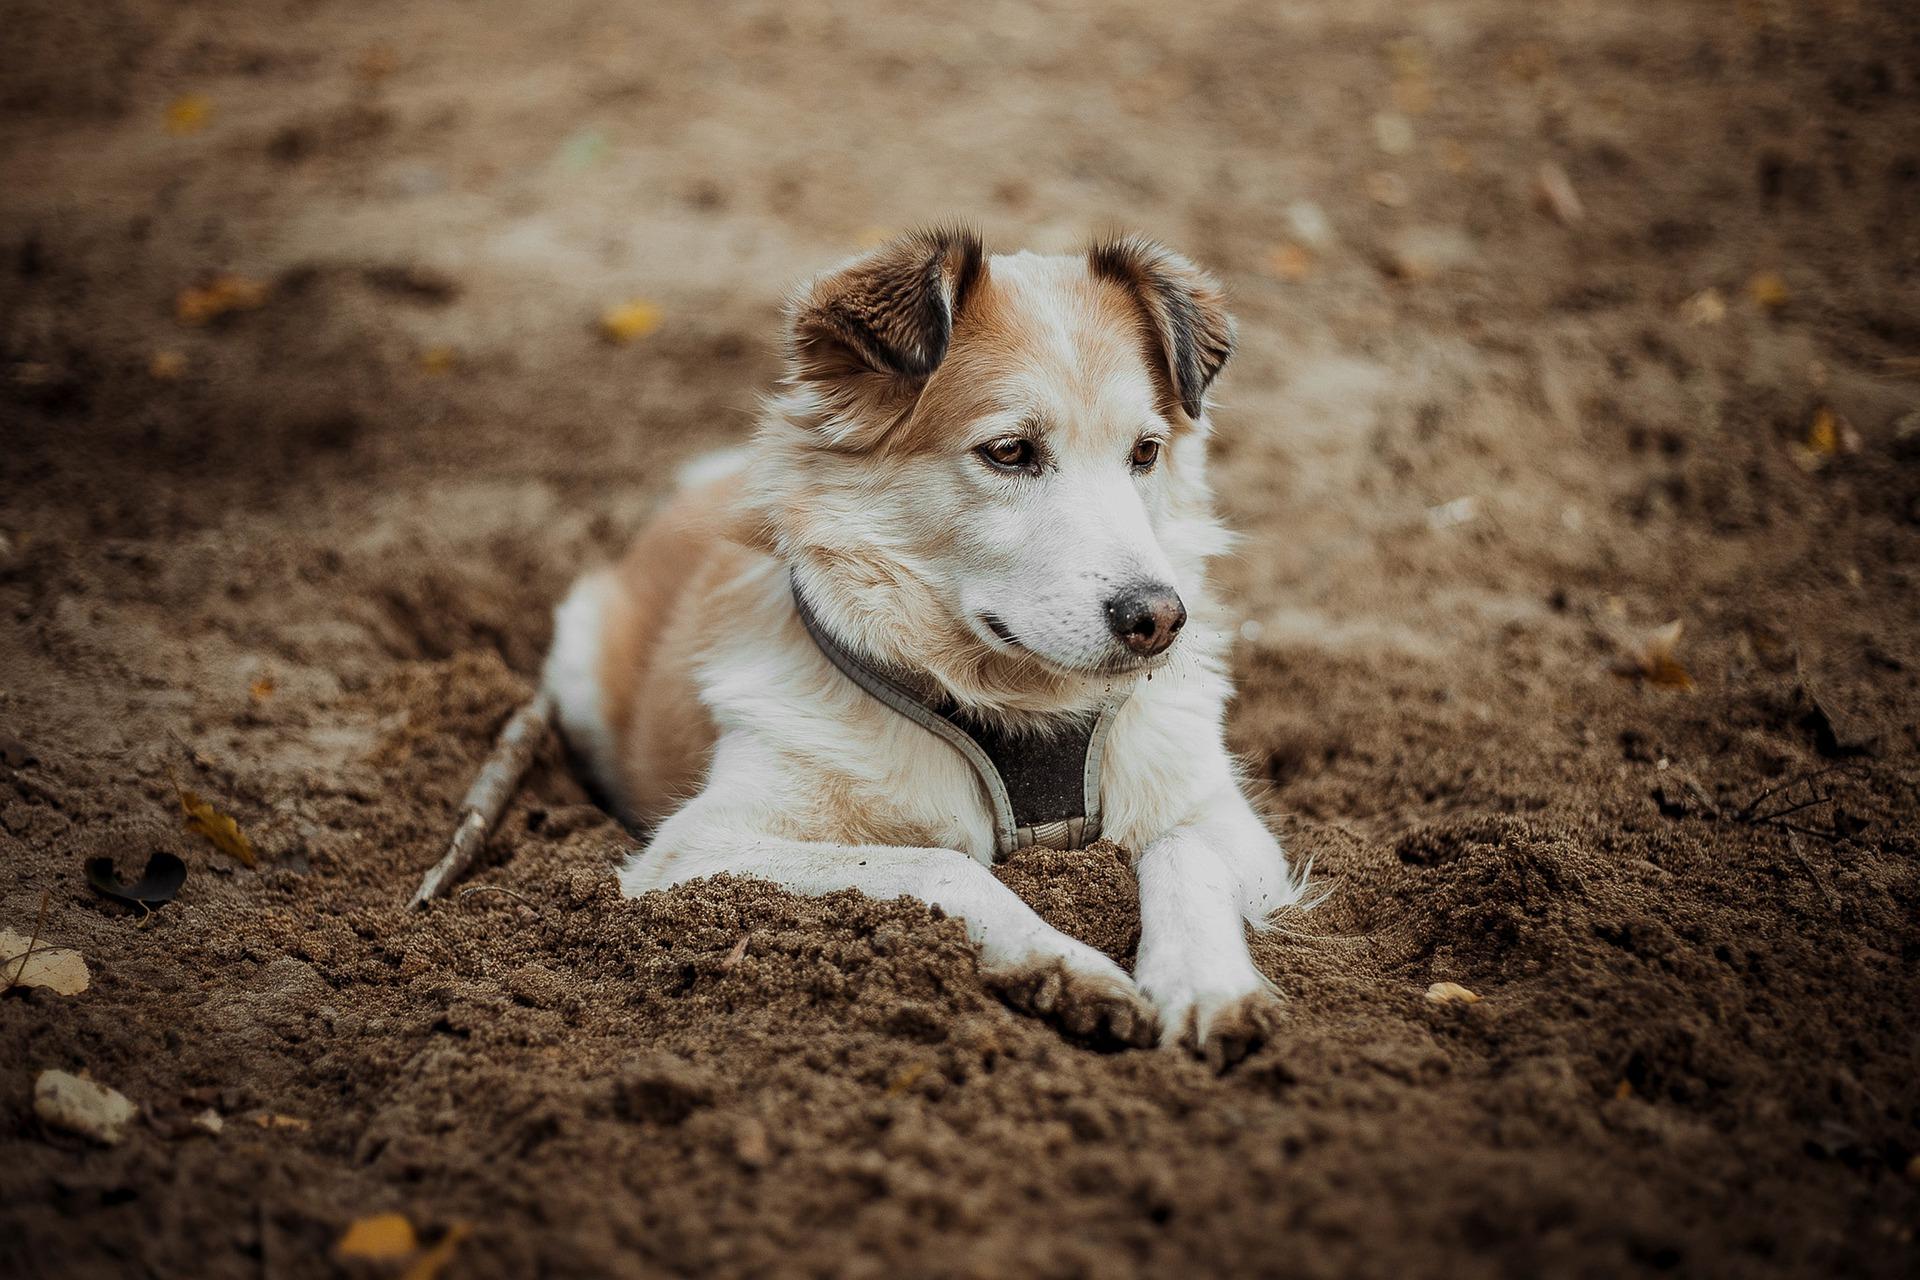 Si tu perro tiene las patas inflamadas, llévalo al veterinario